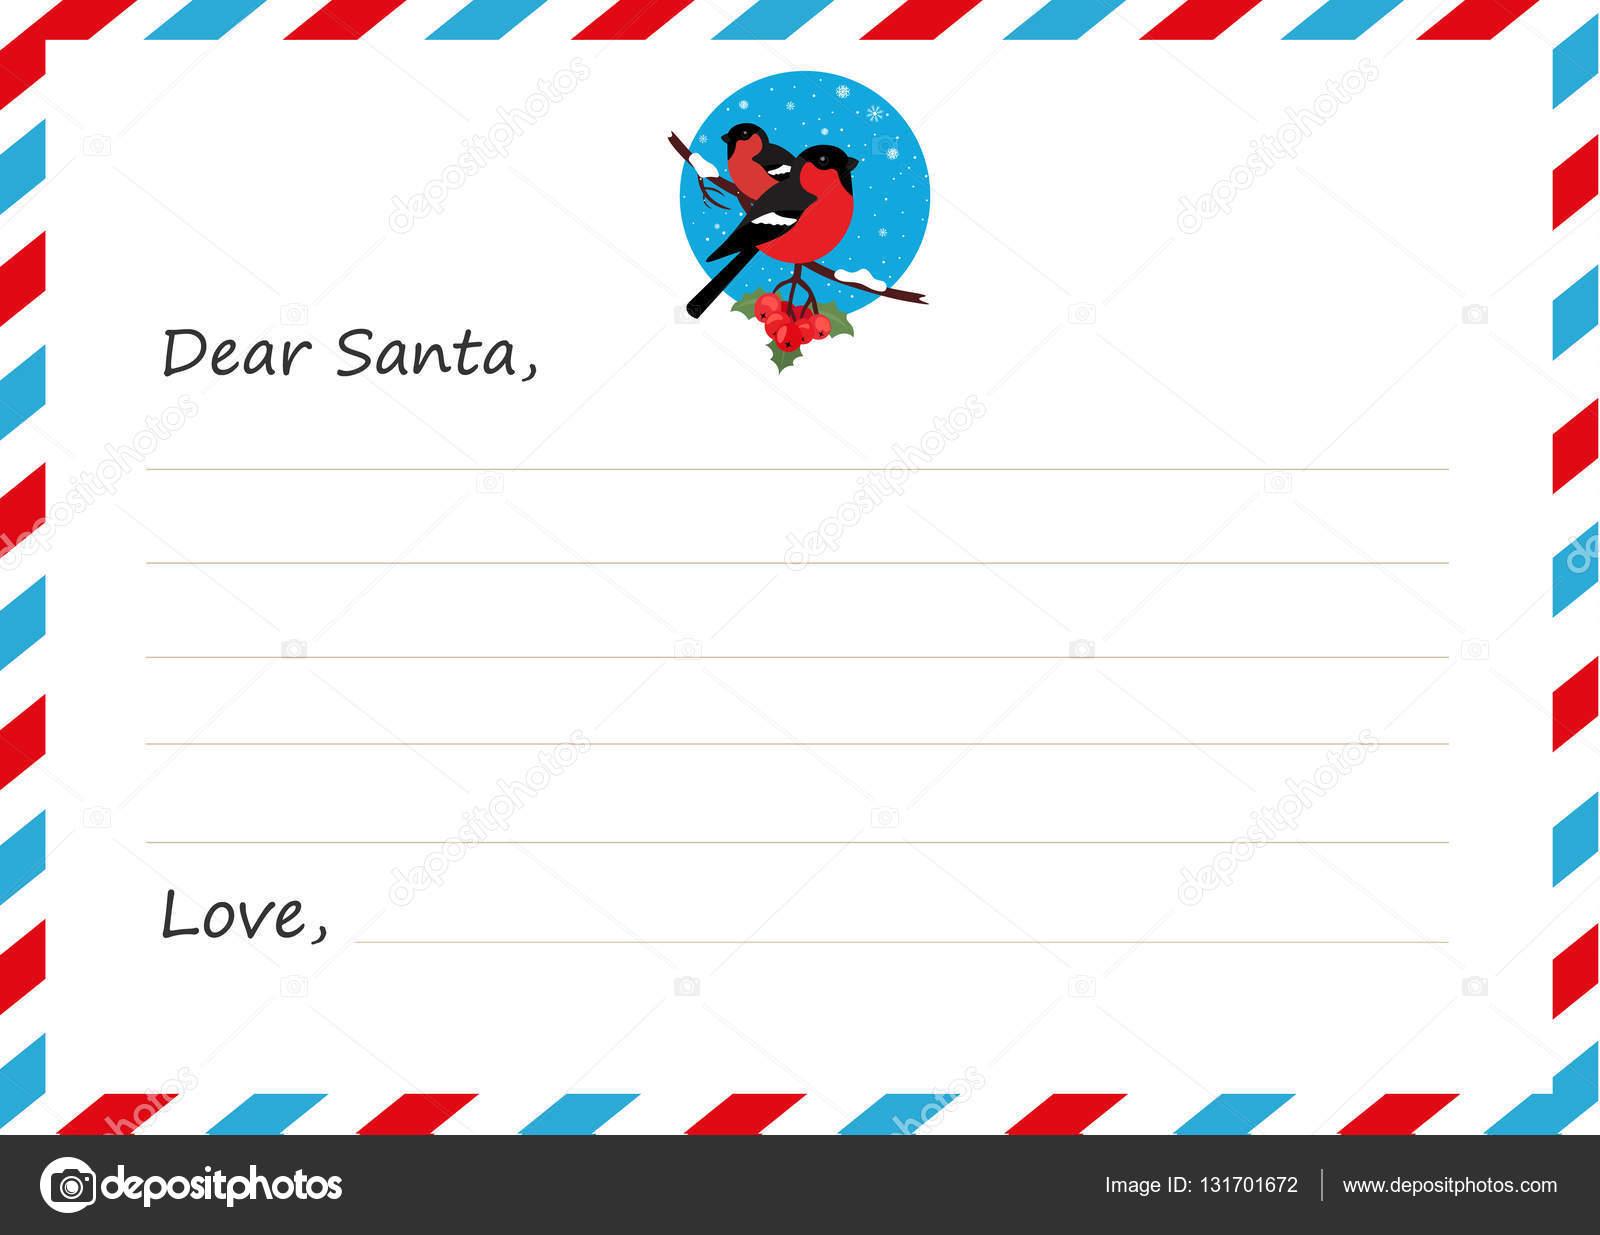 テンプレート封筒新年の手紙サンタ クロースアイコンみごとベクトル